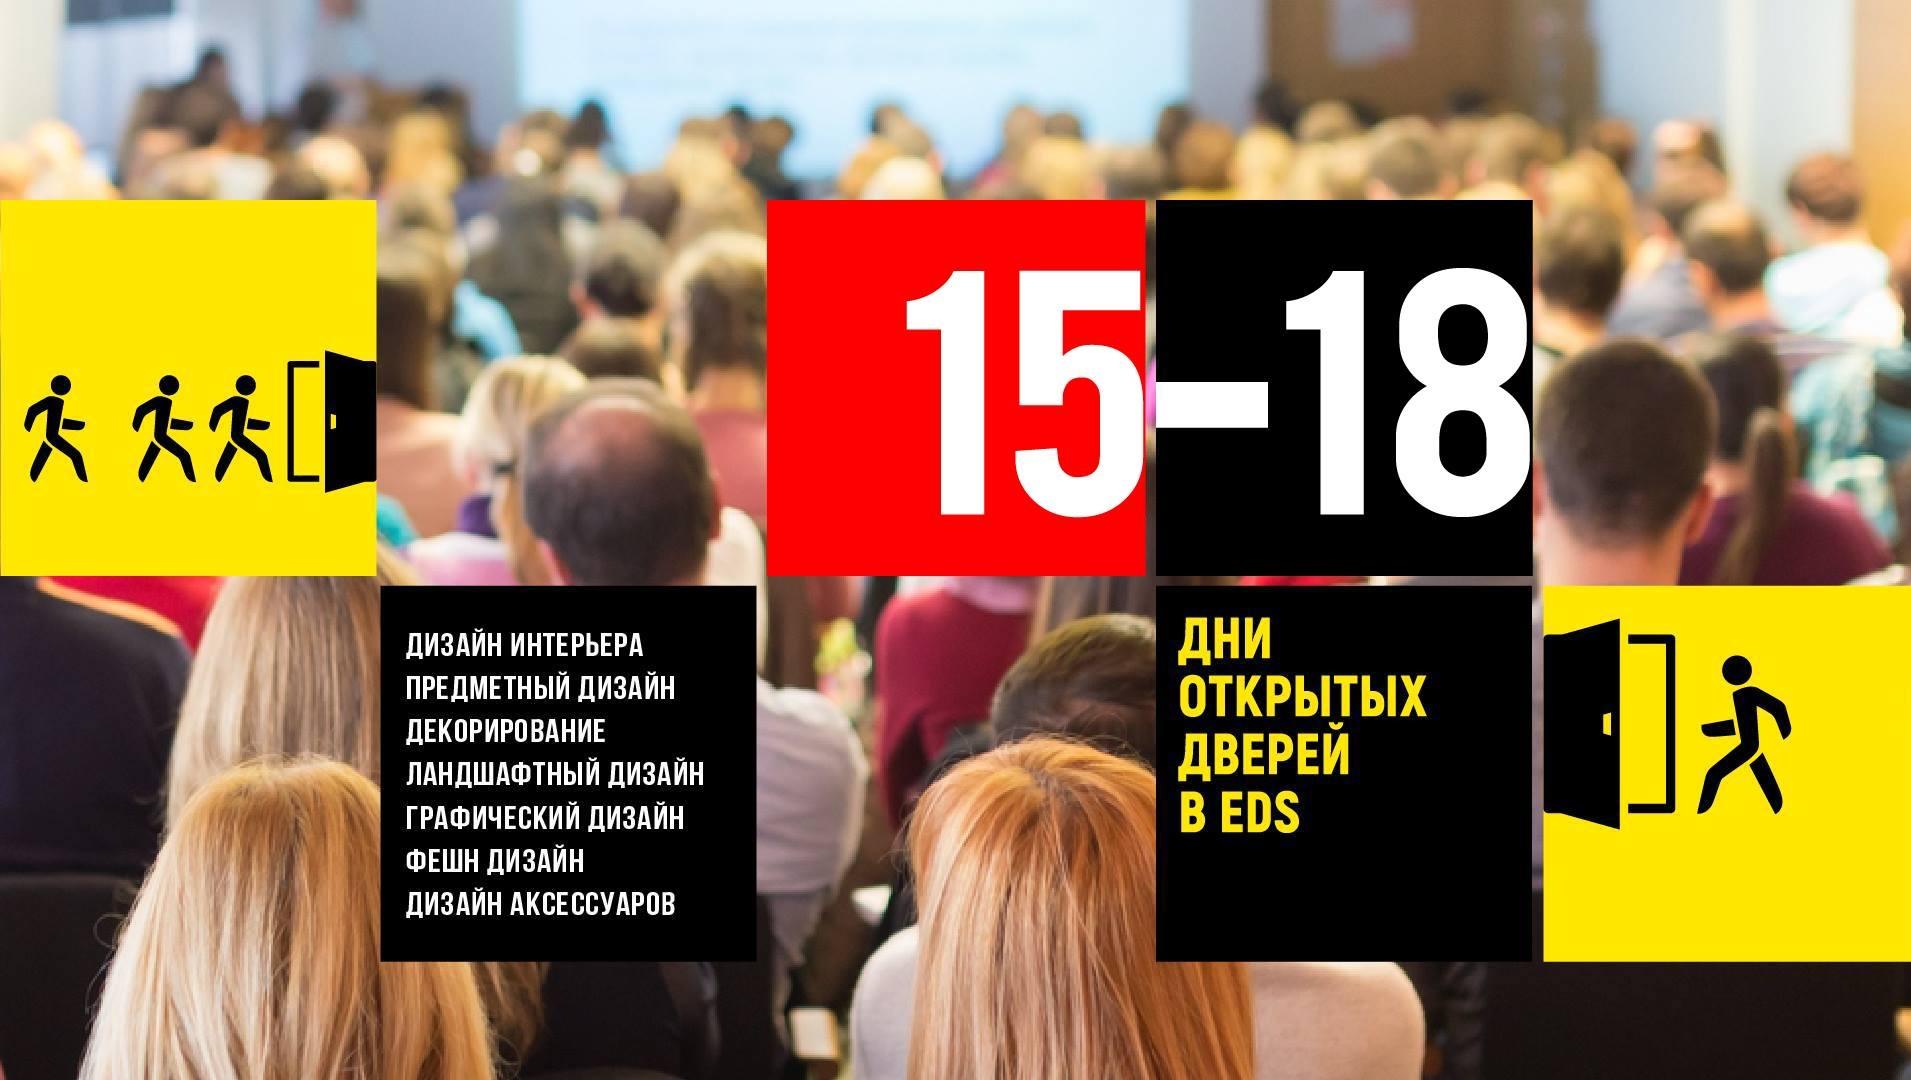 Европейская Школа Дизайна (EDS) (Європейська Школа Дизайну)